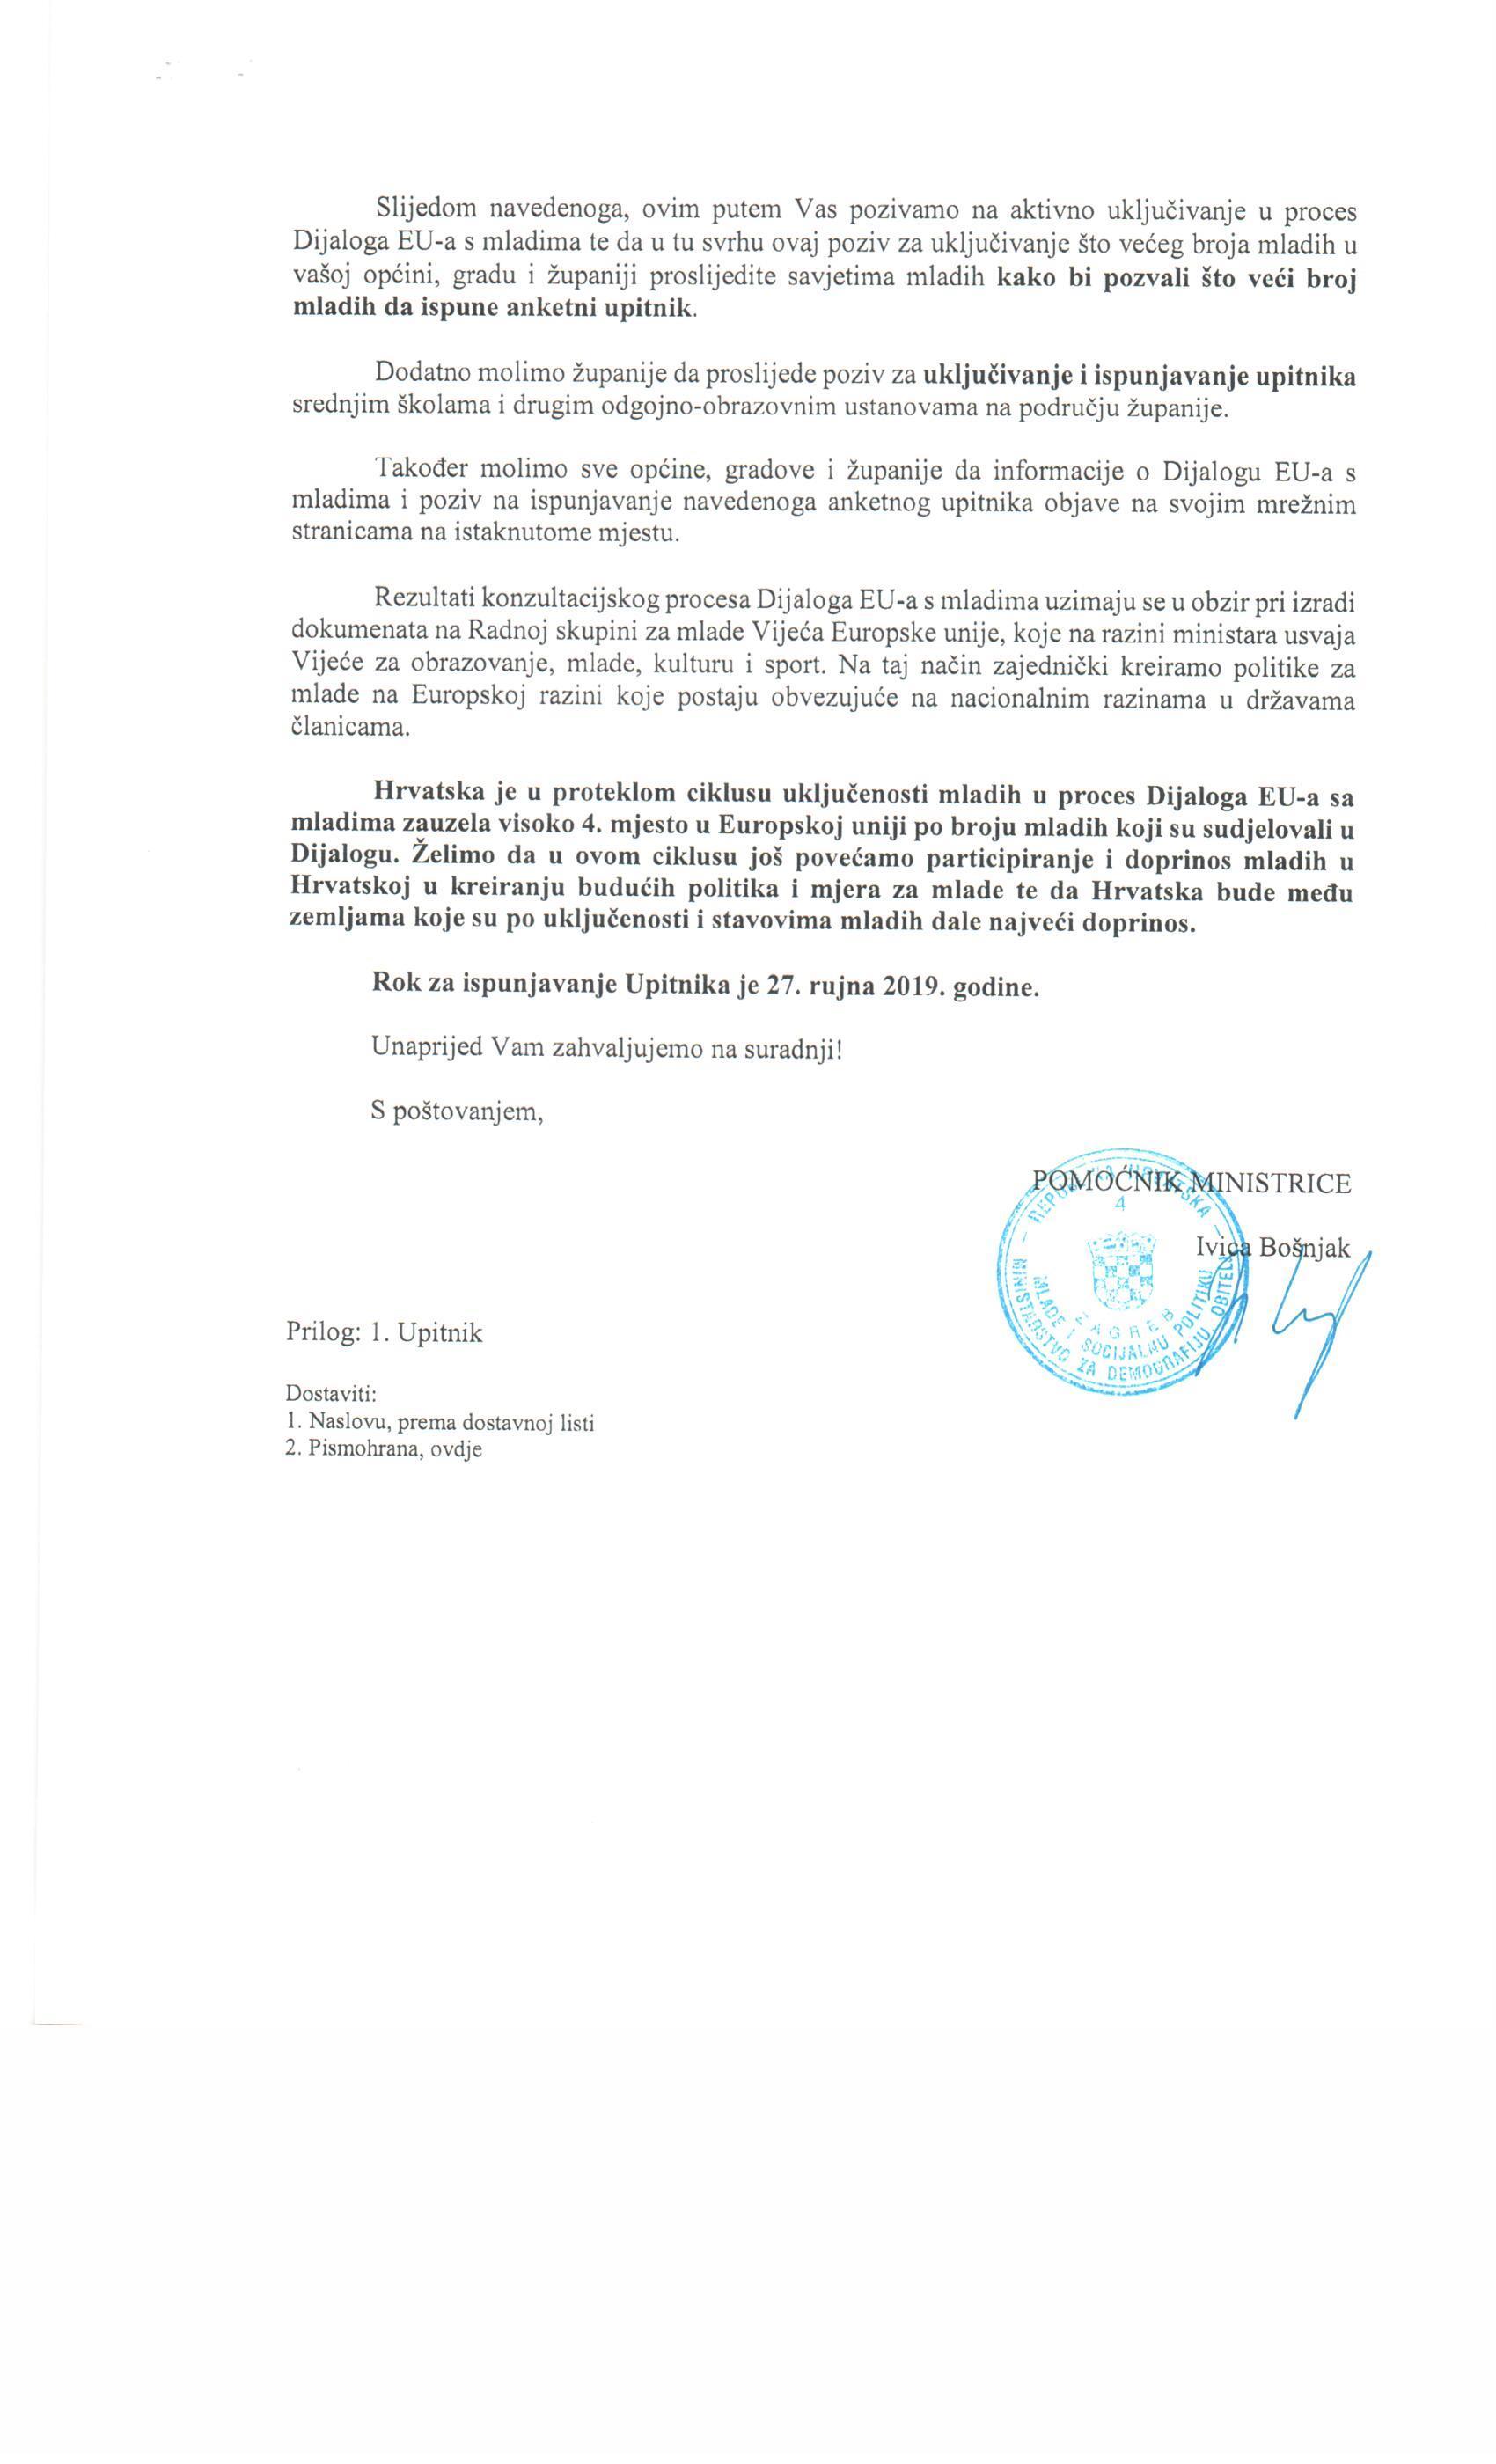 dijalog_eu_s_mladima_poziv0002